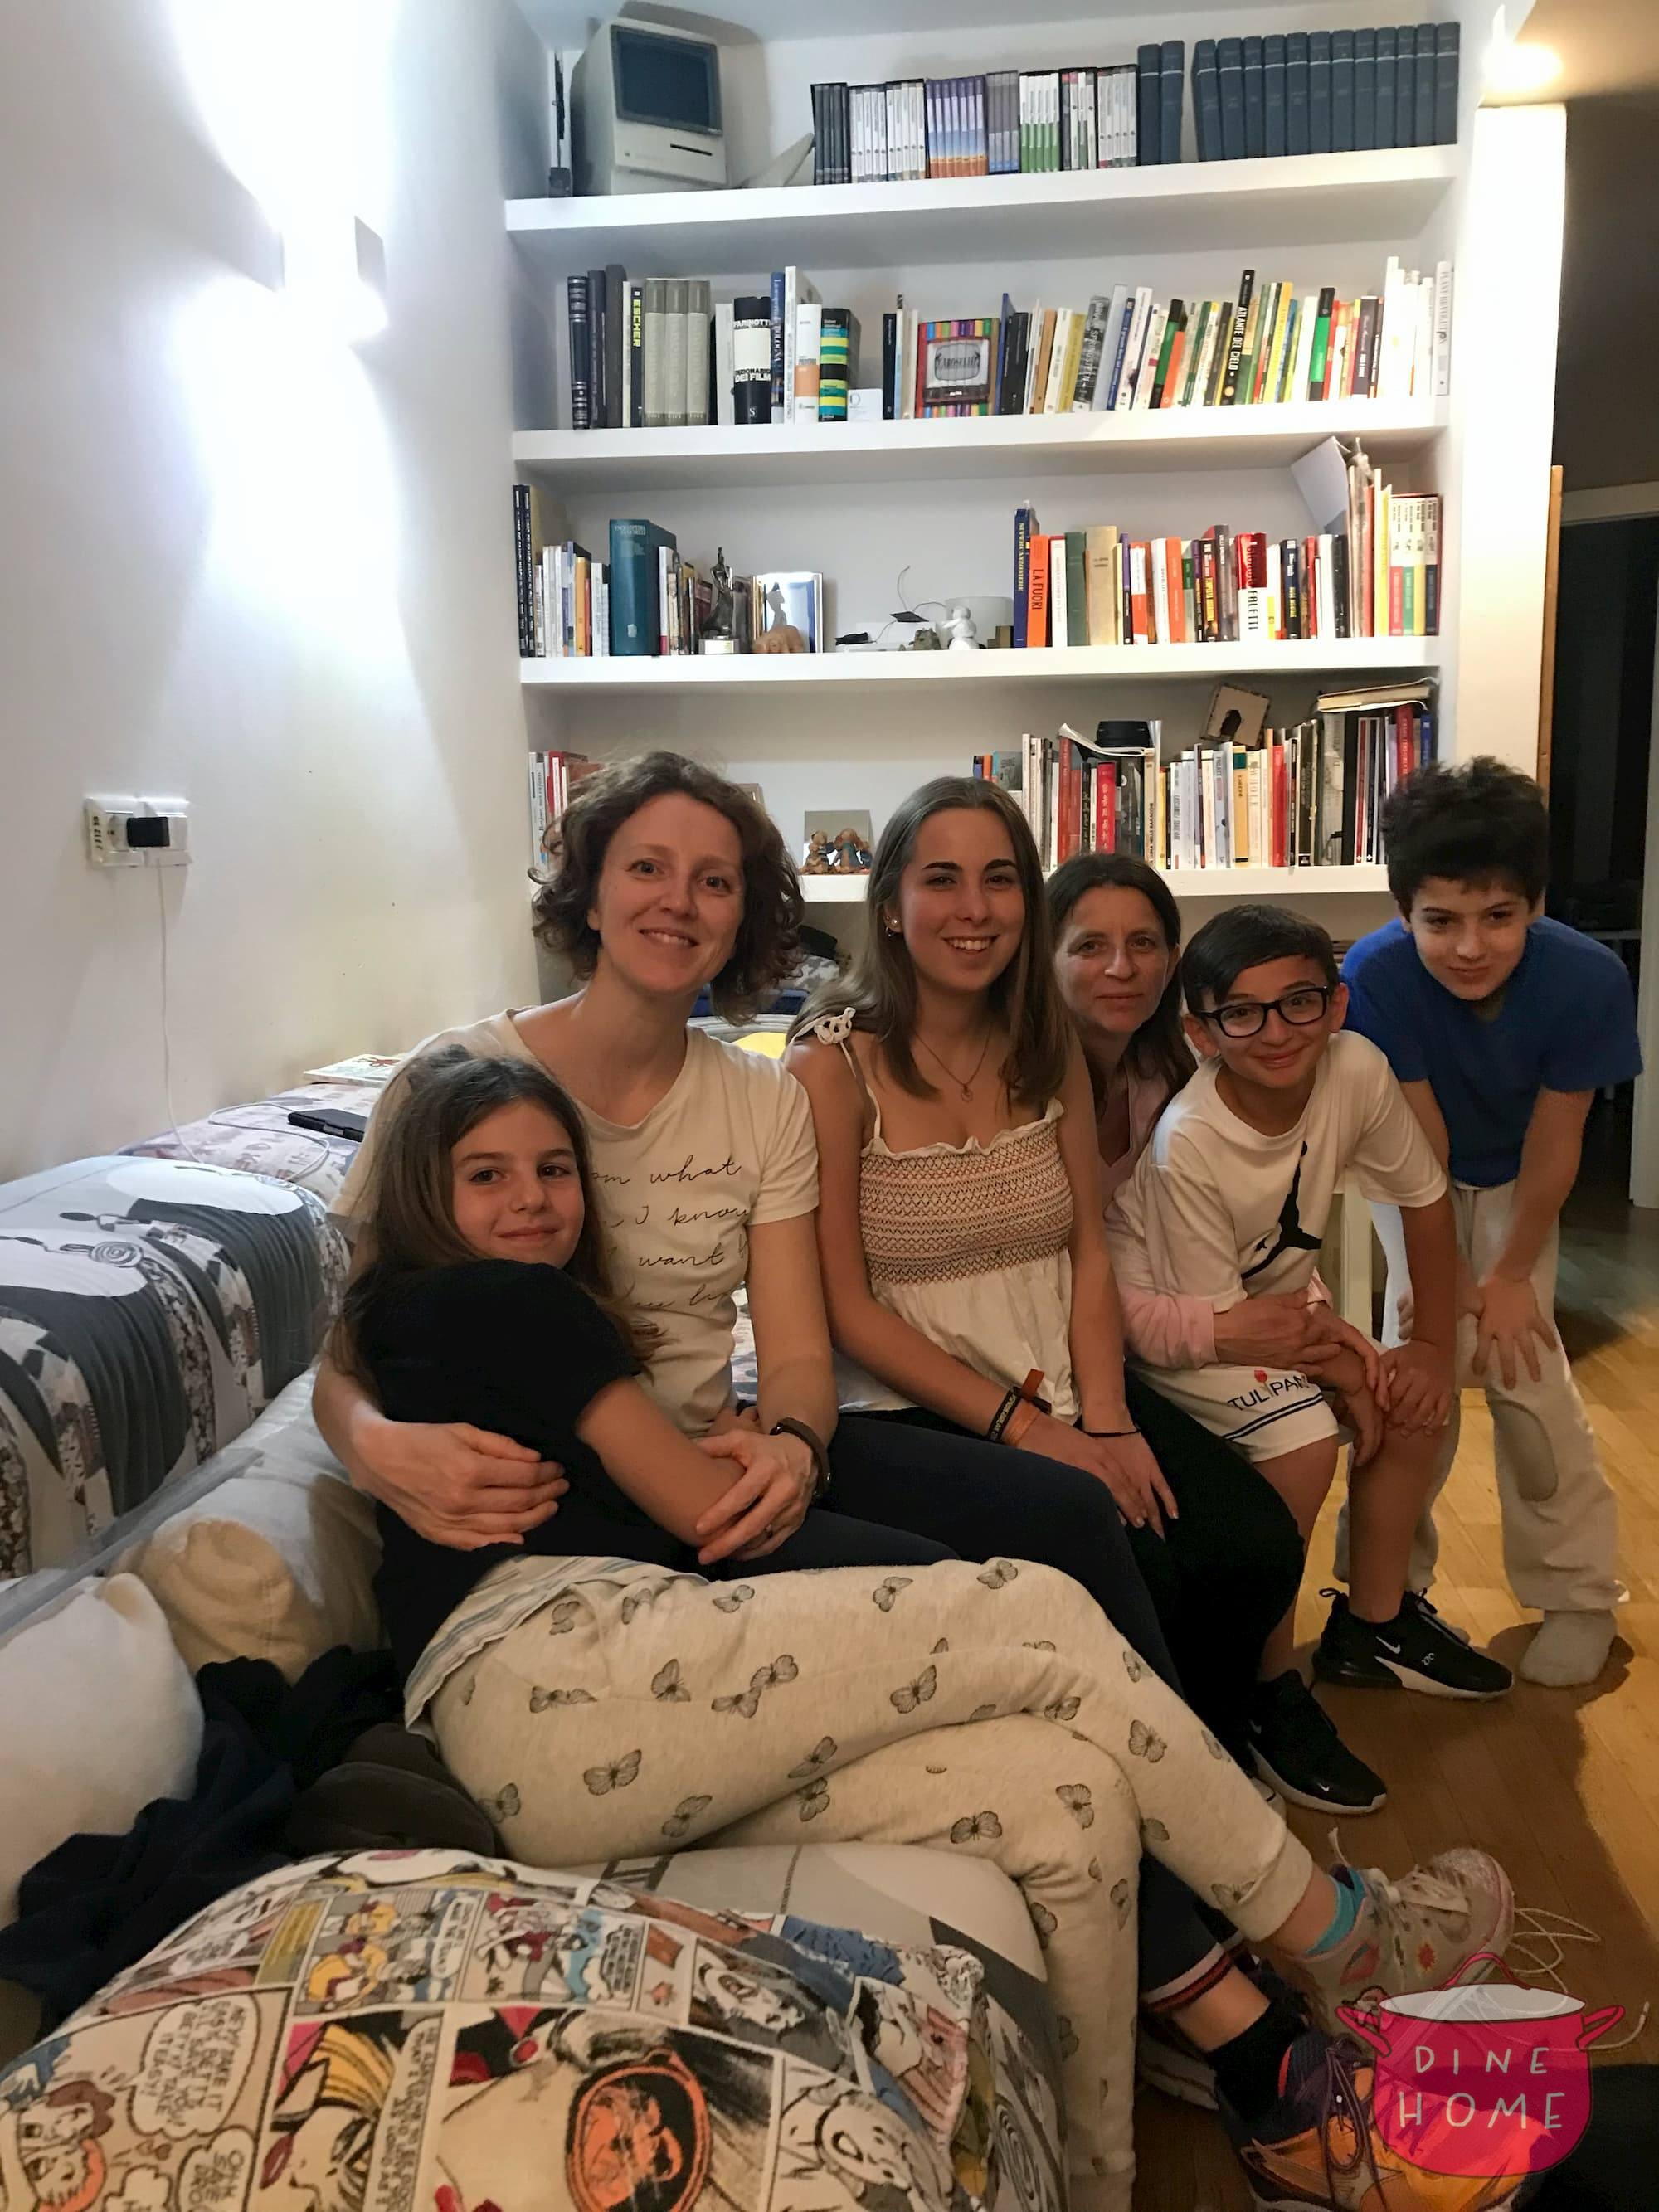 Julia, studentessa Spagnola, a cena dalla sua famiglia Dinehome.